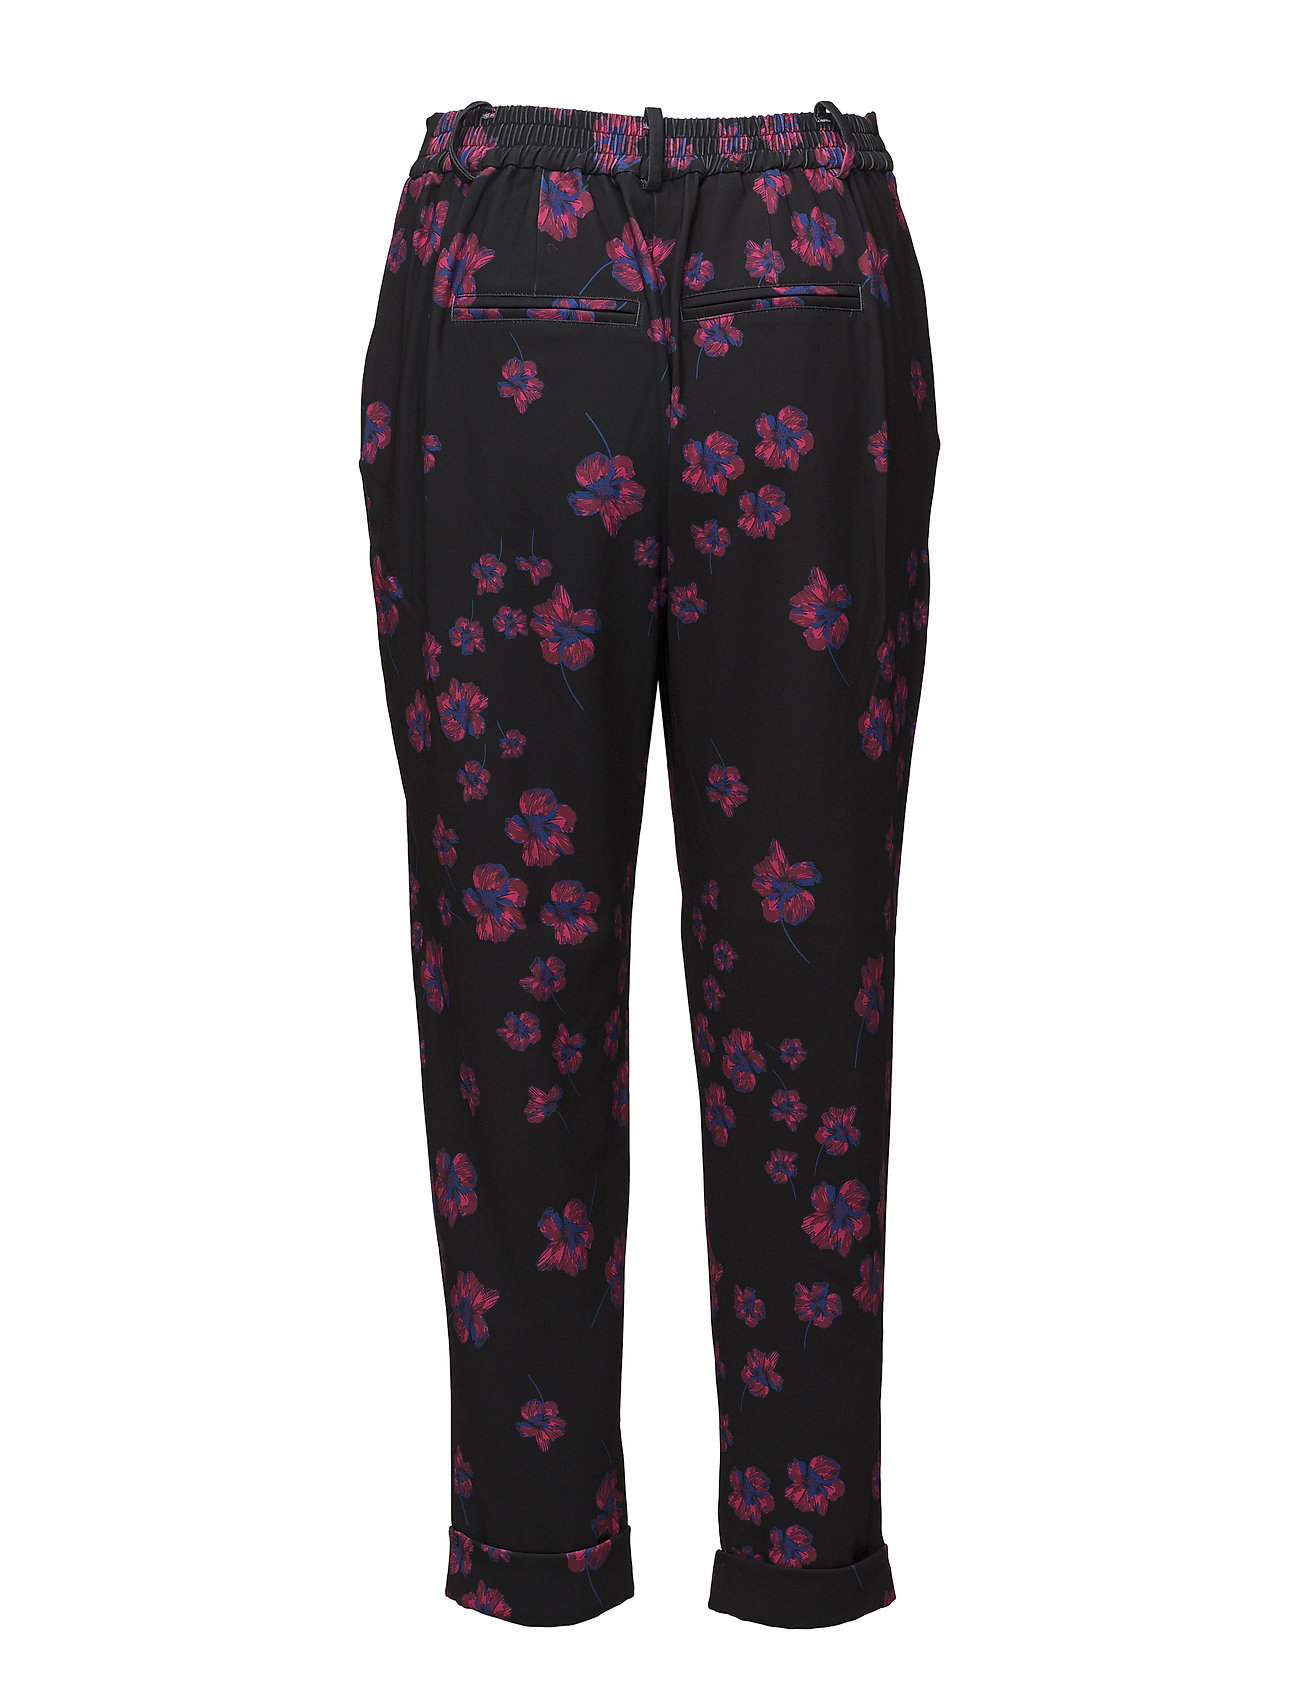 2nd One Anne 881 Pants (Pink Fluorescent Bloom) 239.70 kr | Stort utbud av designermärken frzoH117